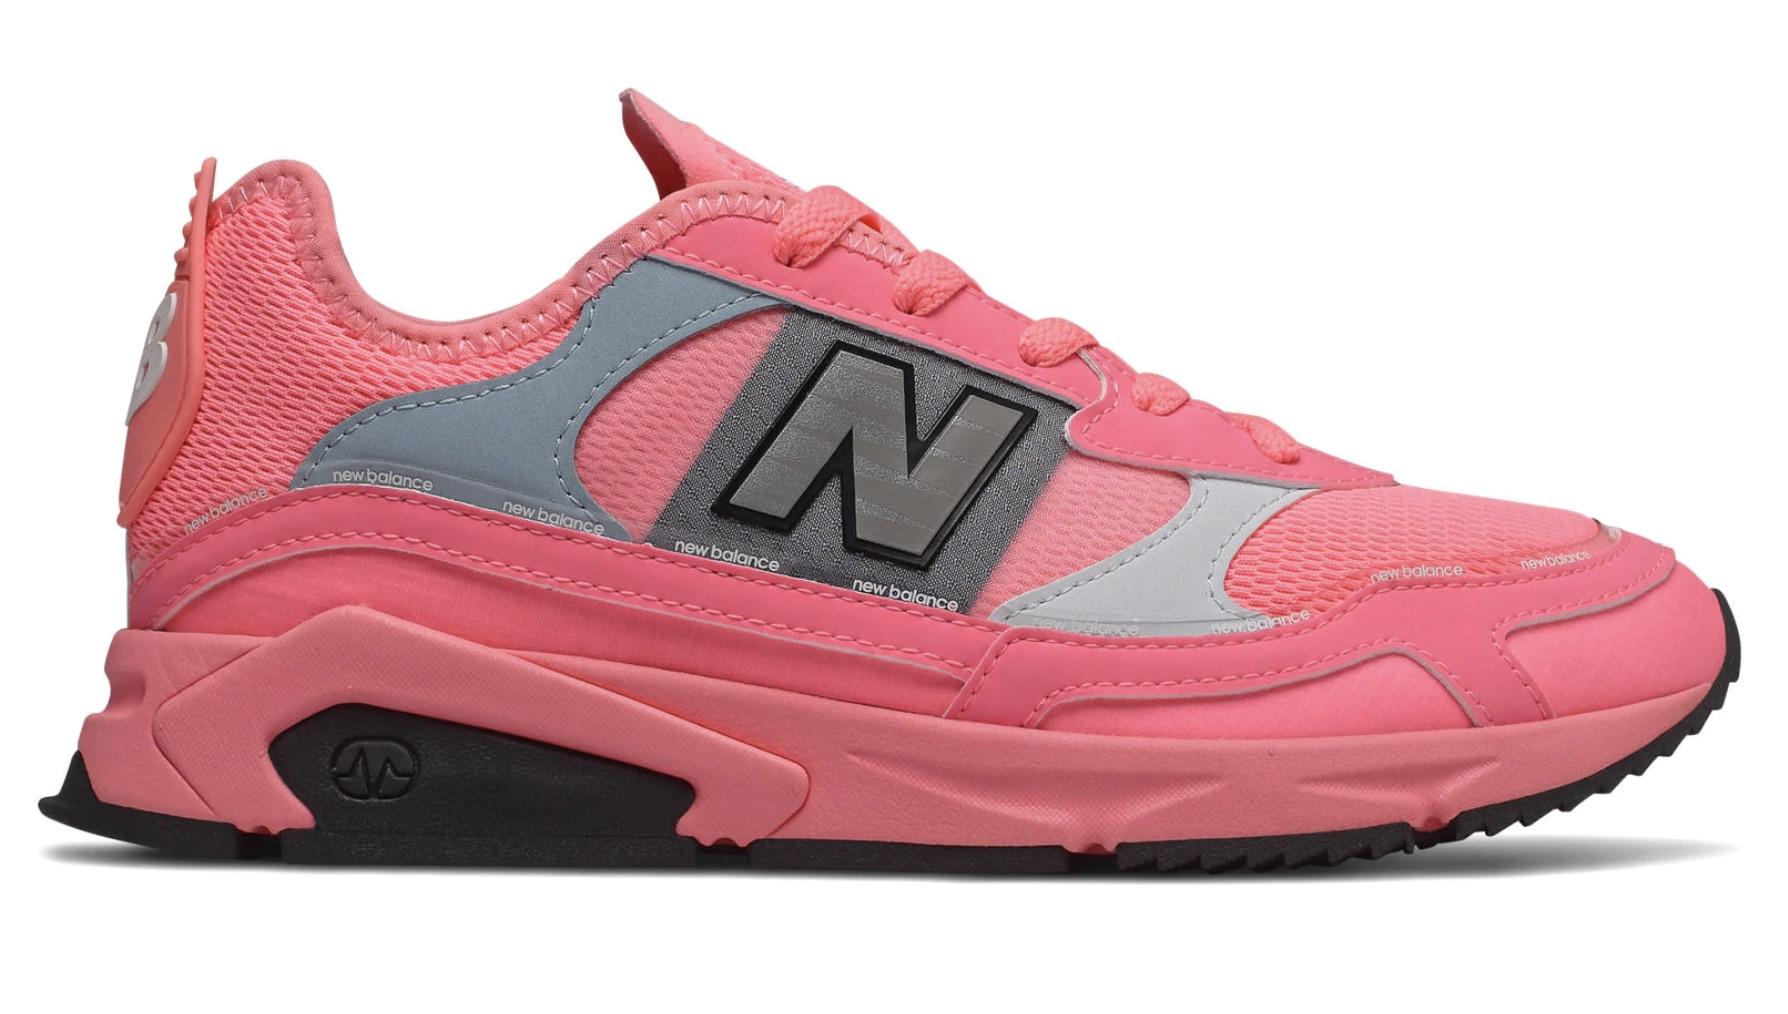 El segundo modelo de zapatillas de la serie X después de las X-90, las X-Racer para mujer, se inspiran en modelos menos conocidos de los años 90 para crear una silueta híbrida, moderna y elegante.